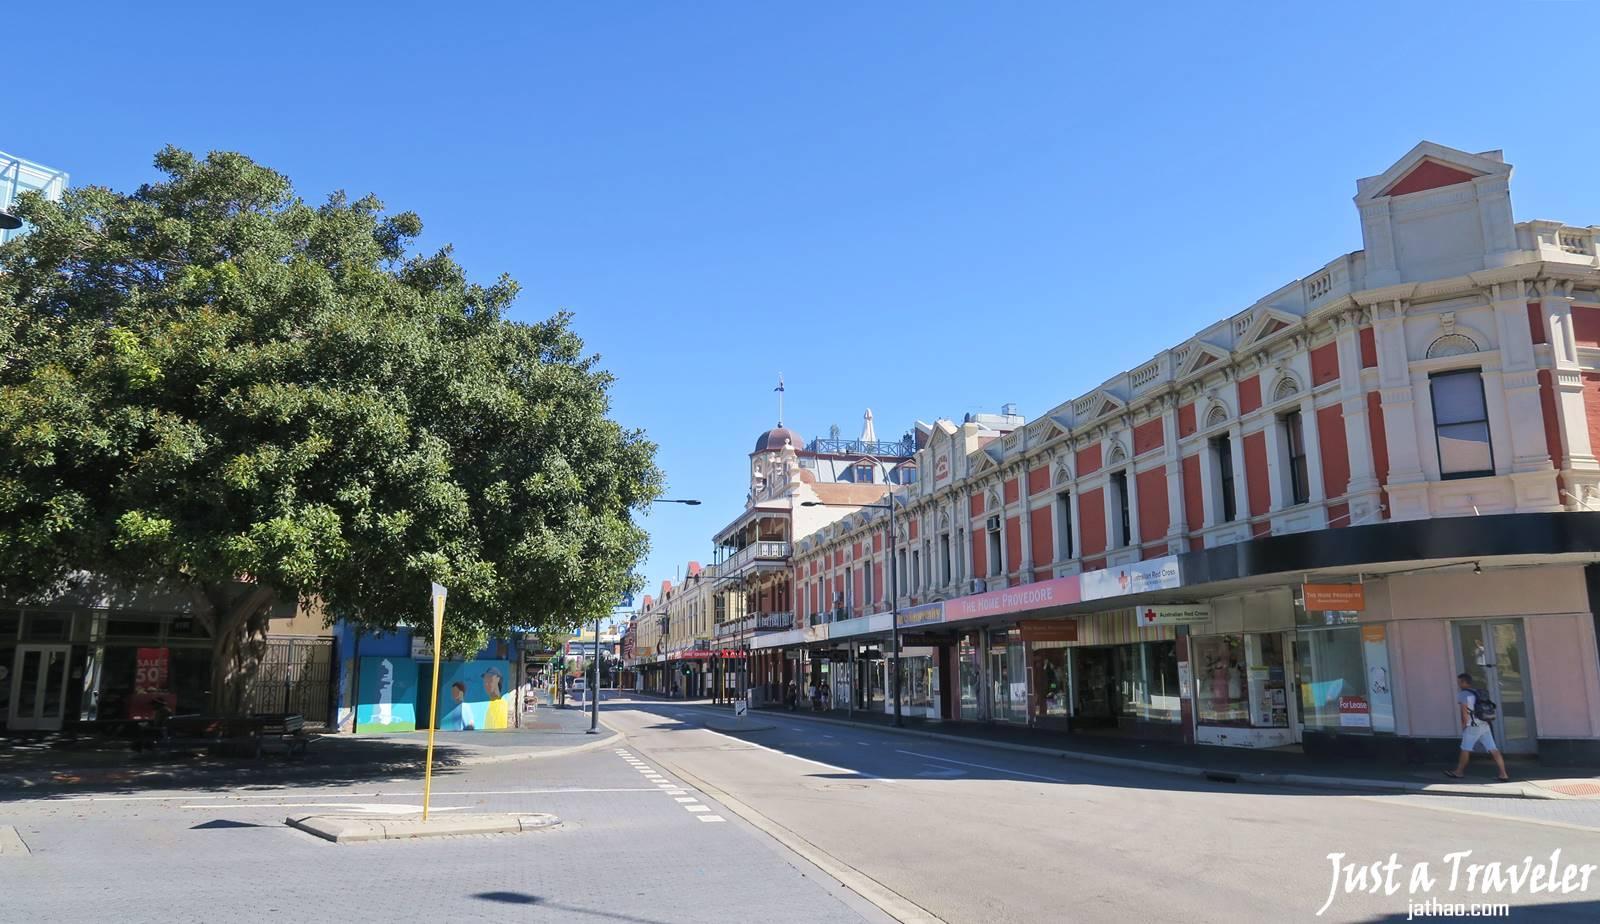 伯斯-推薦-景點-費里曼圖-Fremantle-費利曼圖市政廳-Fremantle-Town-Hall-自由行-交通-必去-必玩-美食-旅遊-行程-一日遊-遊記